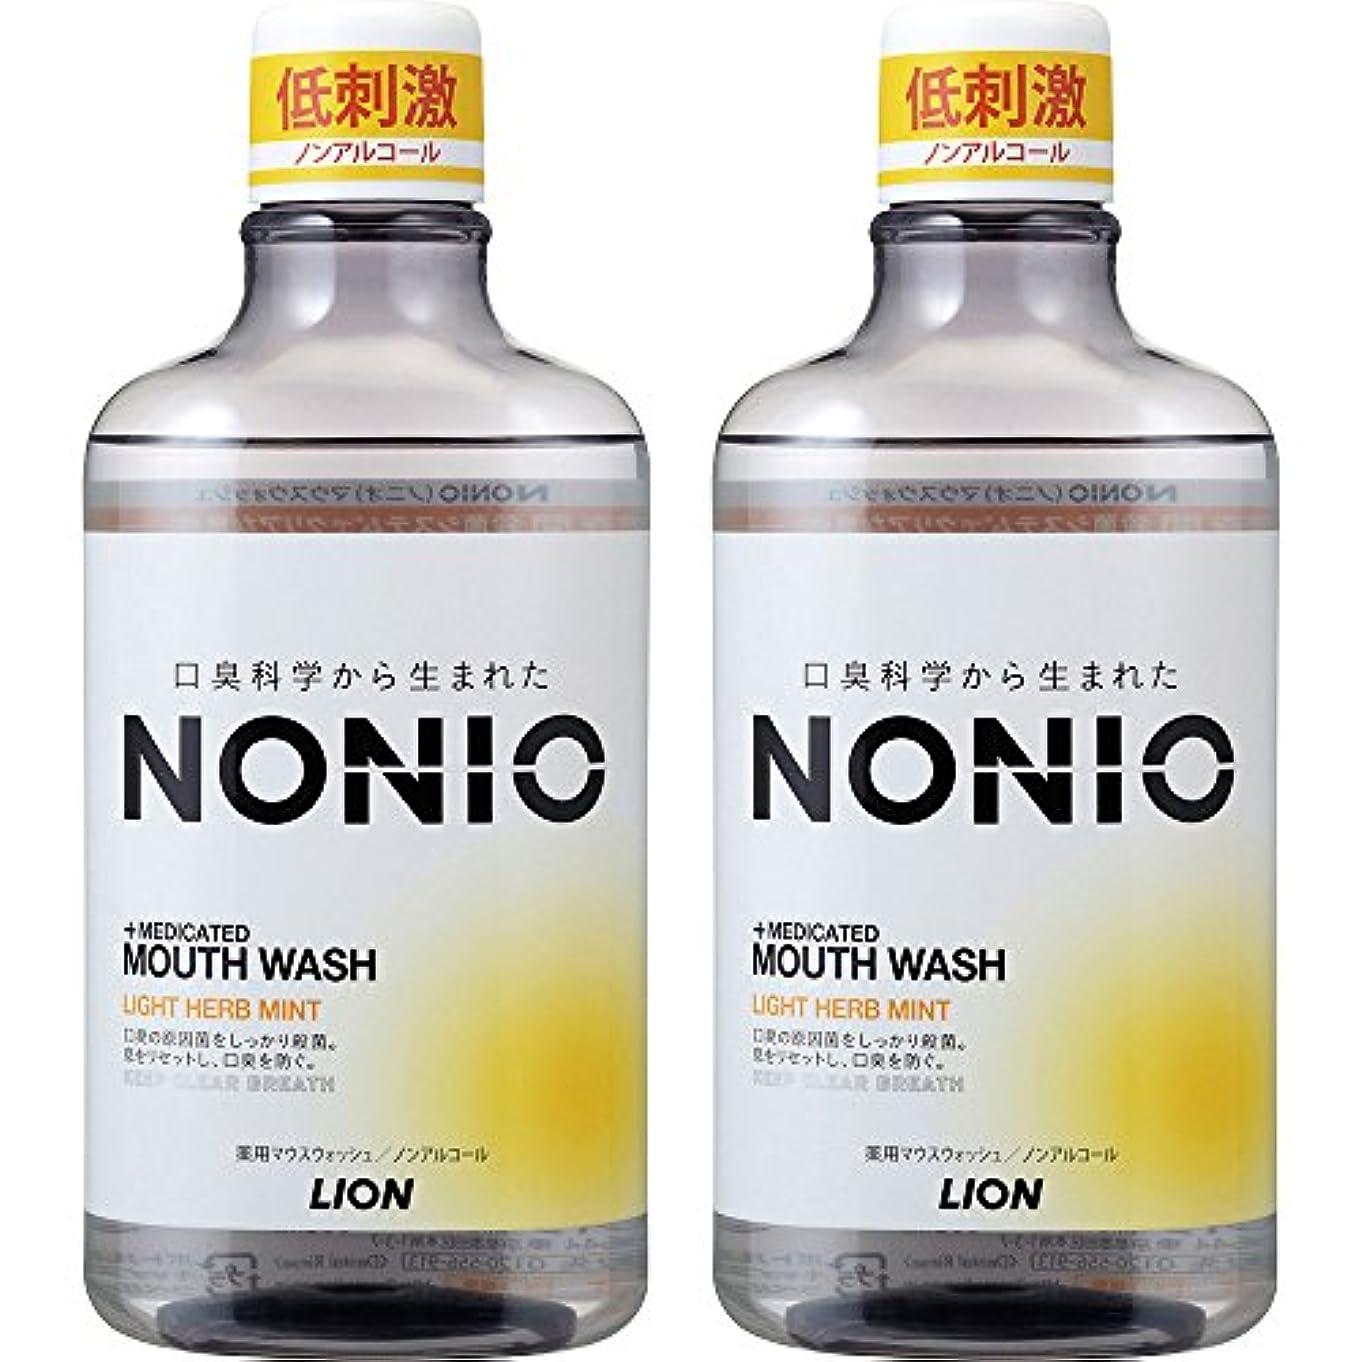 ペルメル前件確かな[医薬部外品]NONIO マウスウォッシュ ノンアルコール ライトハーブミント 600ml×2個 洗口液